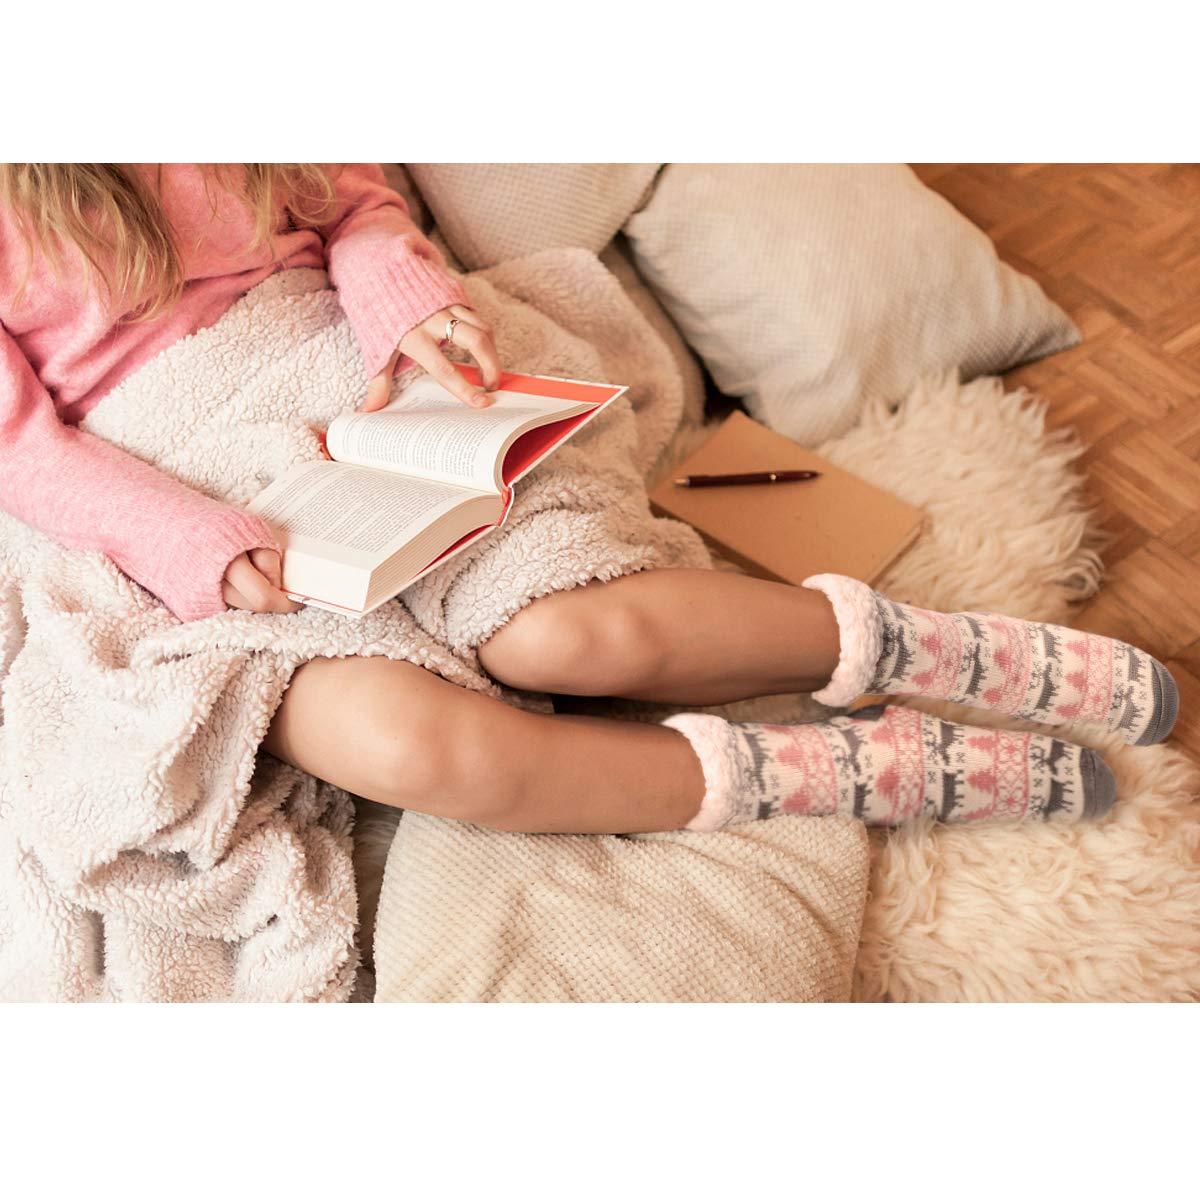 Slipper Socks Winter Ladies Non Slip Fleece Lined Slipper Socks Soft Cozy Cotton Knitted Sock for Women Girls Christmas Xmas Gift Indoor One Size